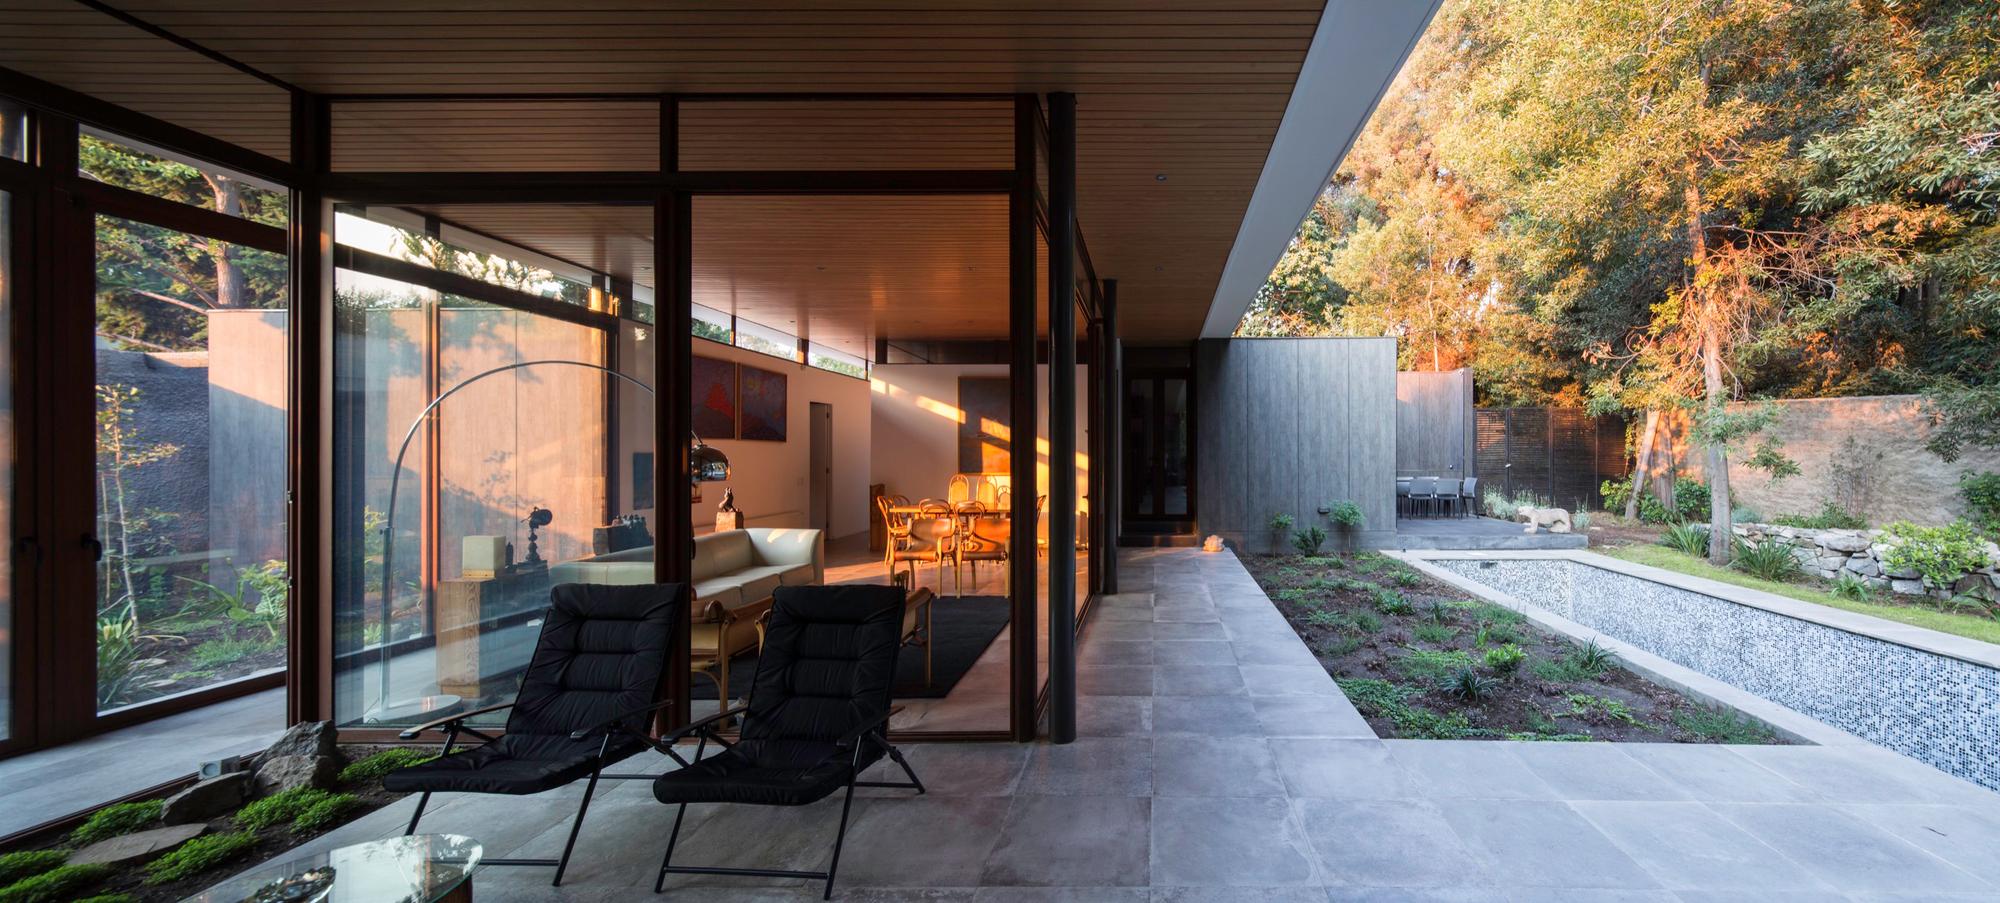 Galeria de a casa e as rvores iglesis arquitectos 2 - Arquitectos madrid 2 0 ...